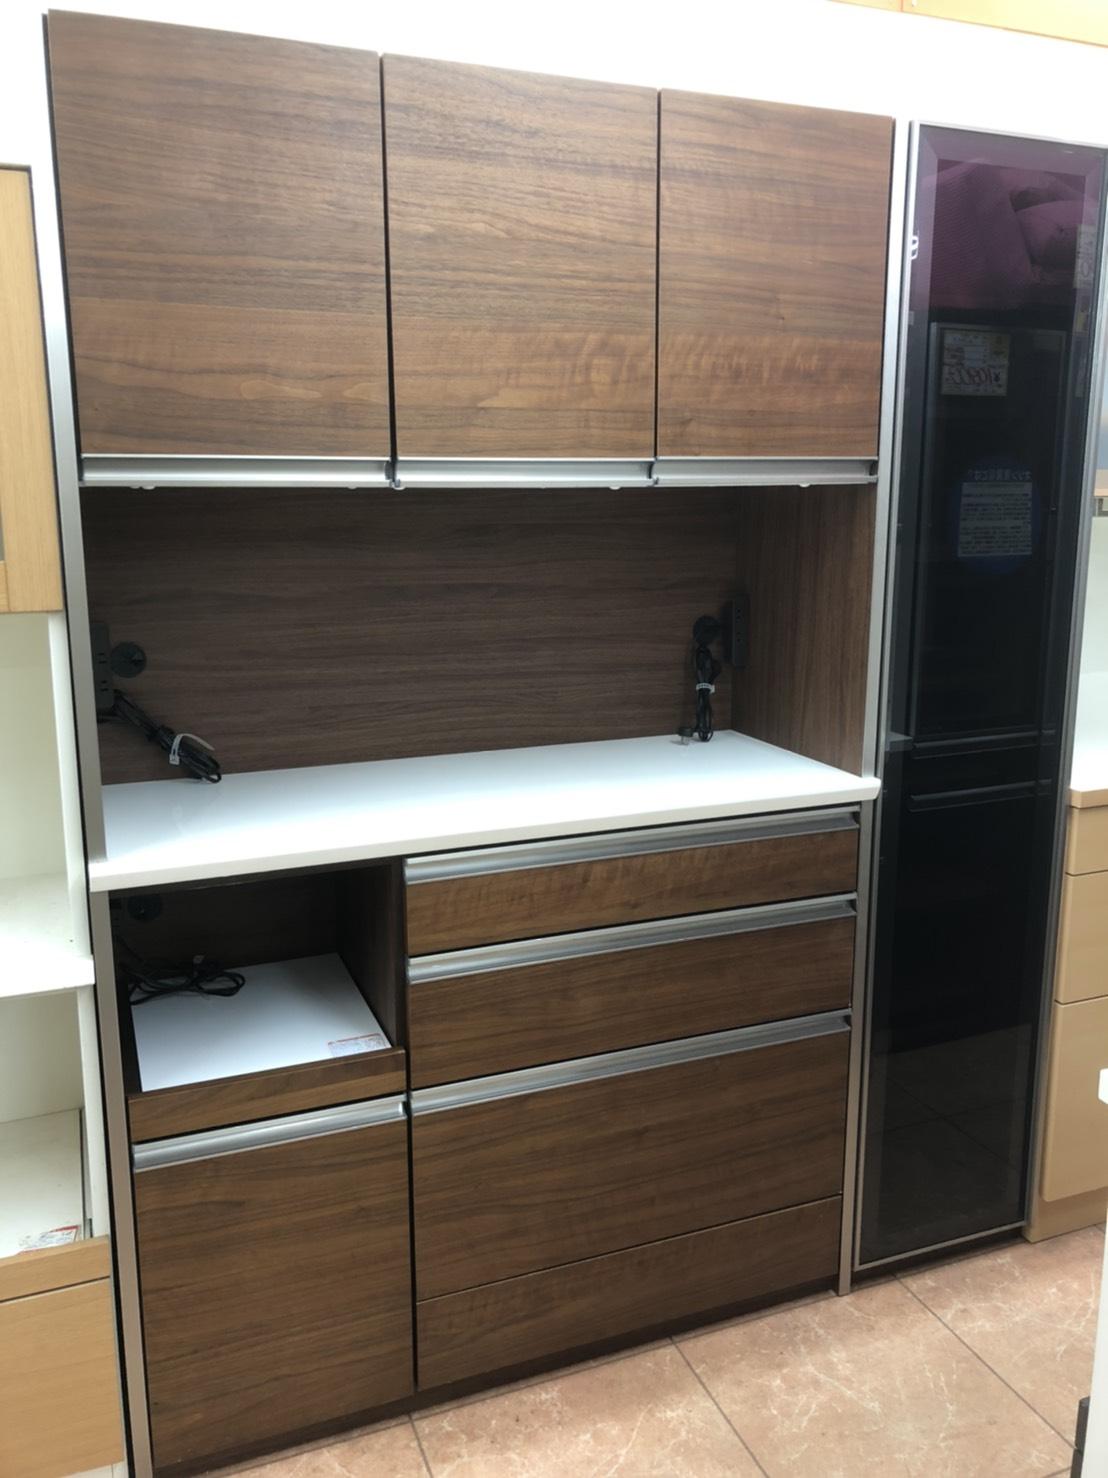 シギヤマ家具工業 REGGEROシリーズ 4面レンジボード 160cm幅 ソフトクロージング スチームオーブン対応 をお買取りさせて頂きました!!の買取-